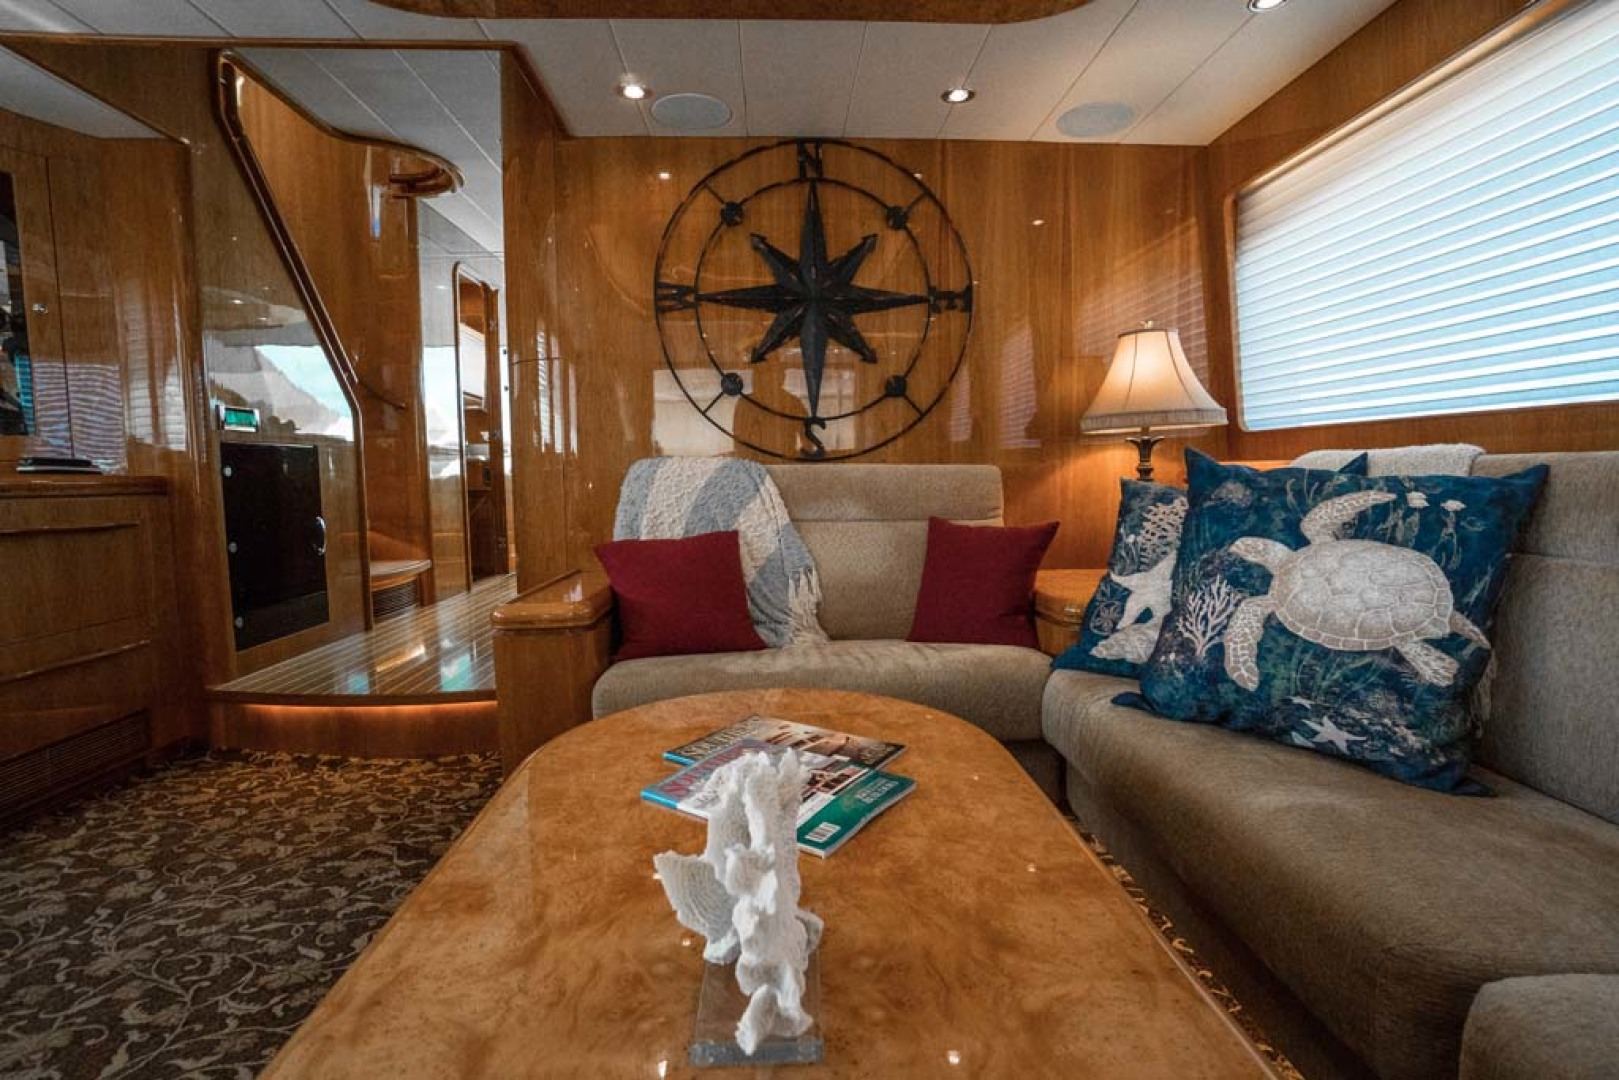 Horizon-Cockpit-Motor-Yacht-2008-Liberation-Stuart-Florida-United-States-Salon-Seating-1075318